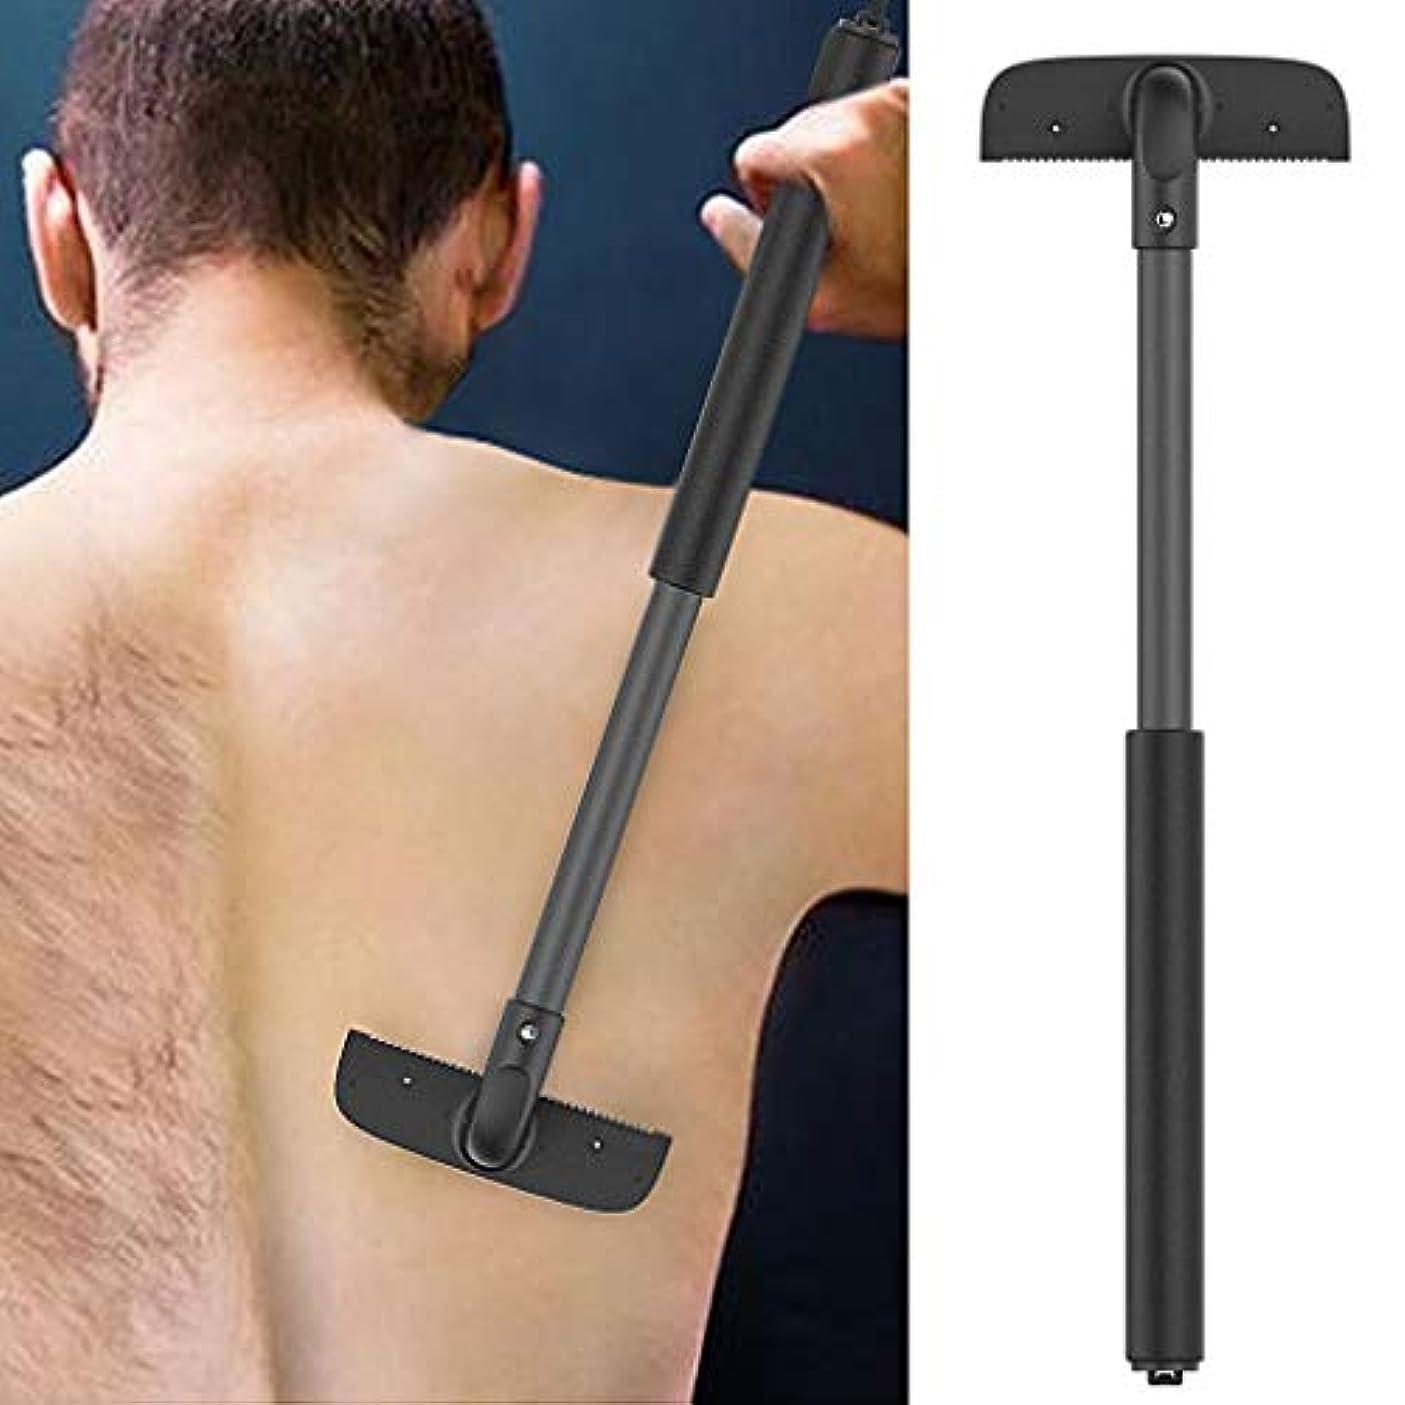 拒否影響を受けやすいです直立Back Hair Removal And Body Shaver、バックヘアとボディシェーバー、男性のための剃刀、調節可能なハンドル、伸縮可能なトリマー剃刀脱毛装置 除毛 ムダ毛処理